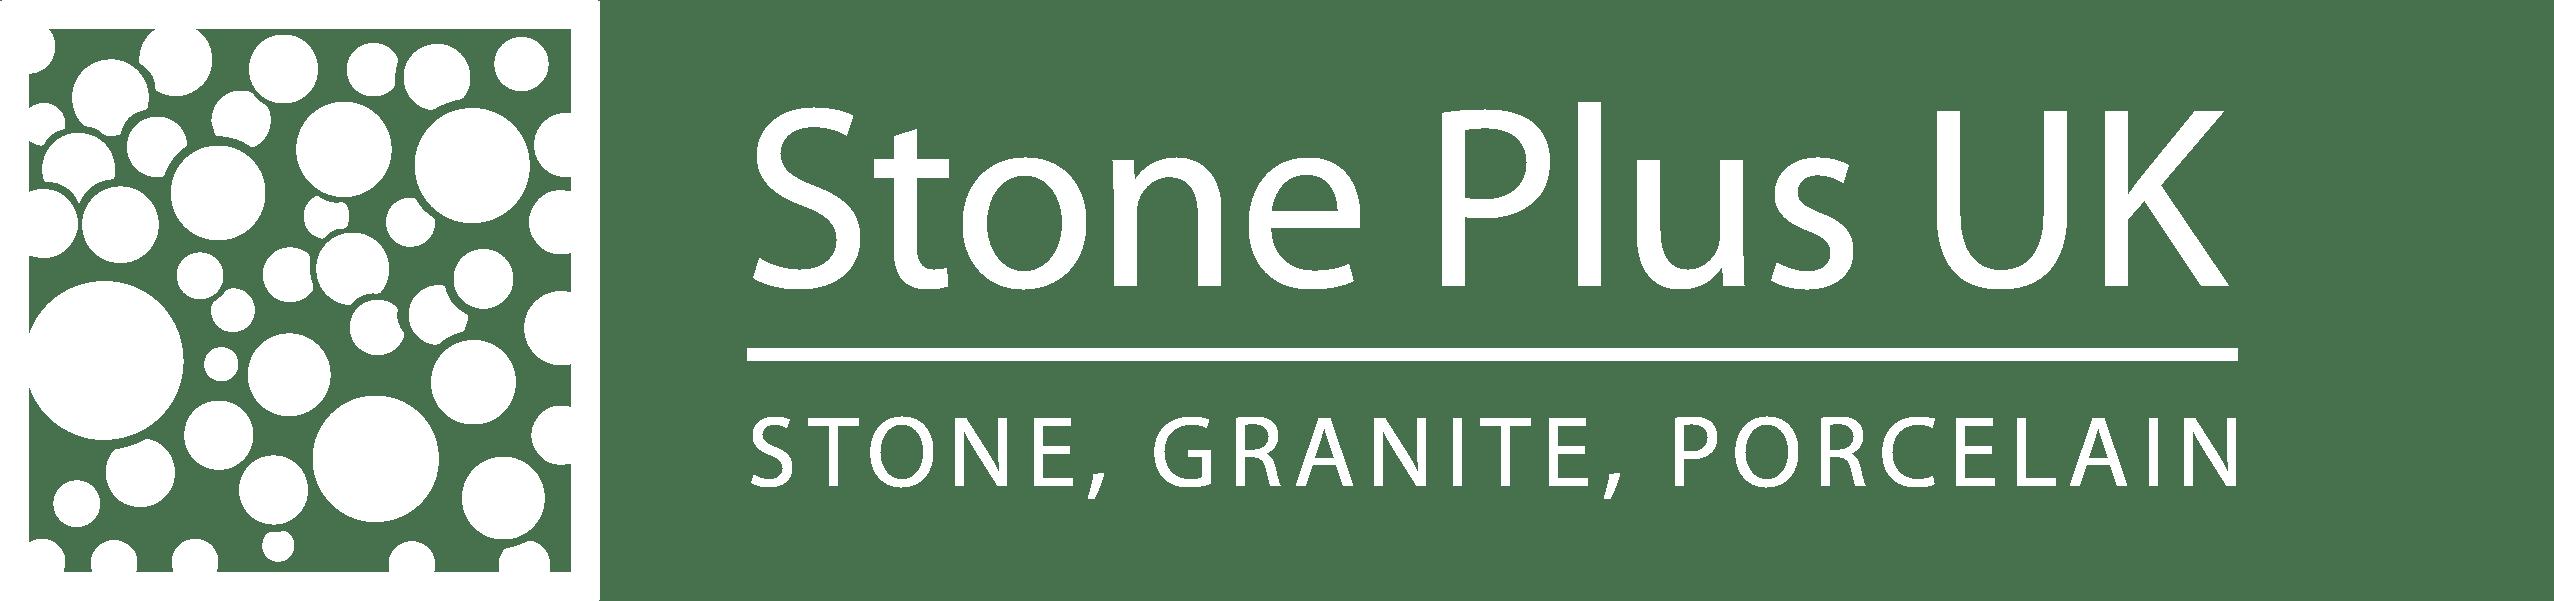 Stone Plus UK